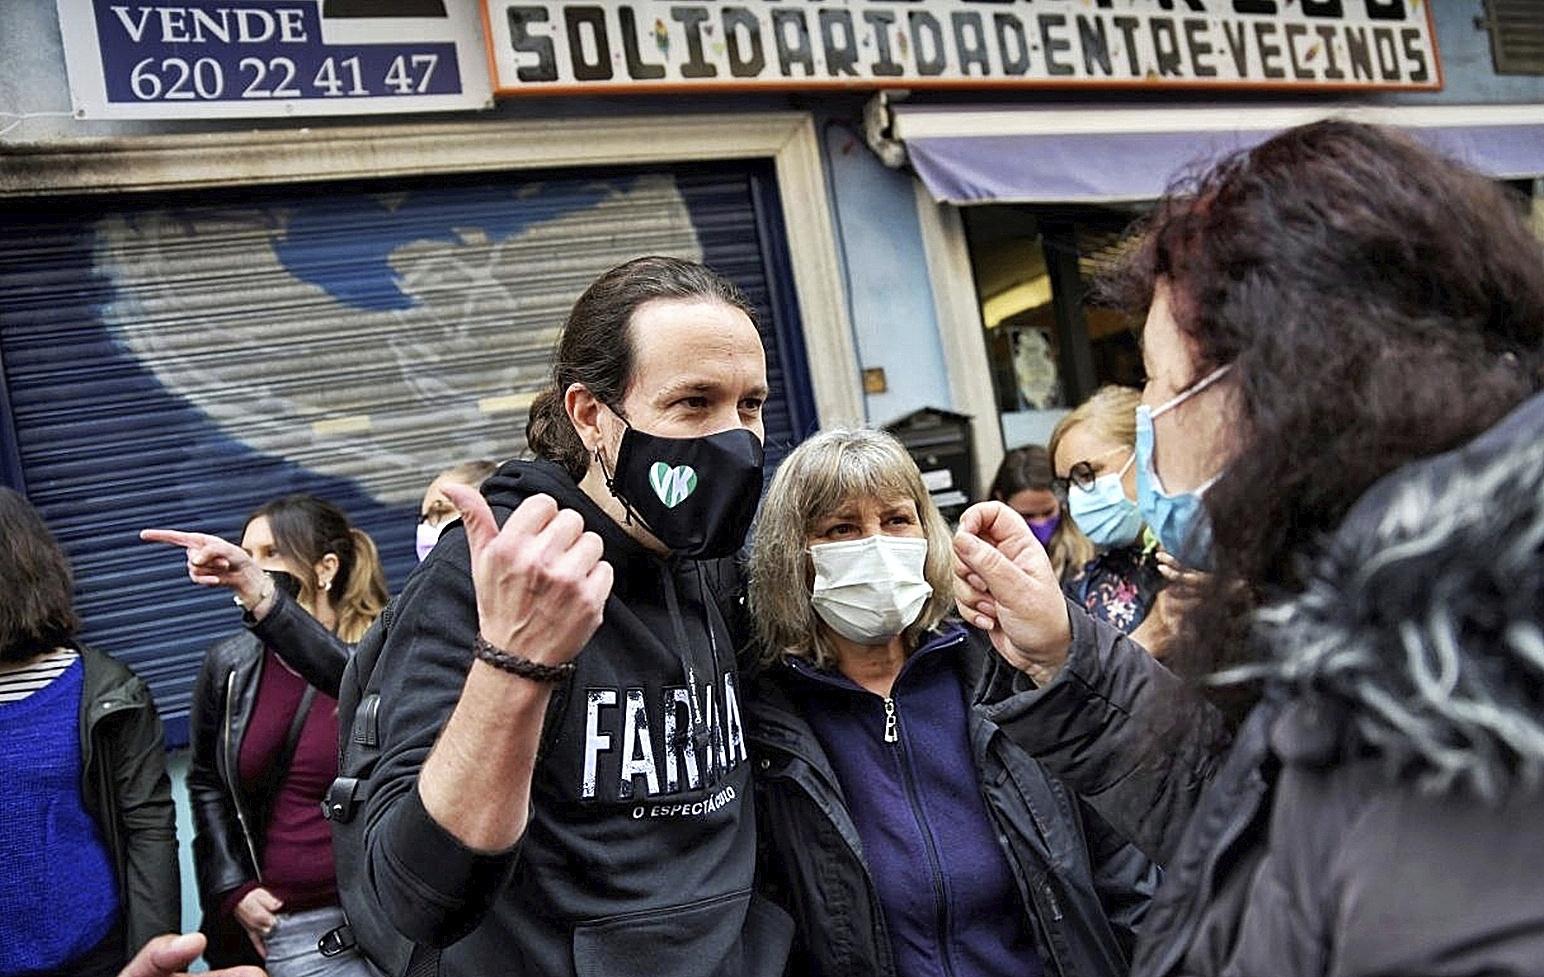 El candidato de Unidas Podemos, Pablo Iglesias, durante un acto en Vallecas.